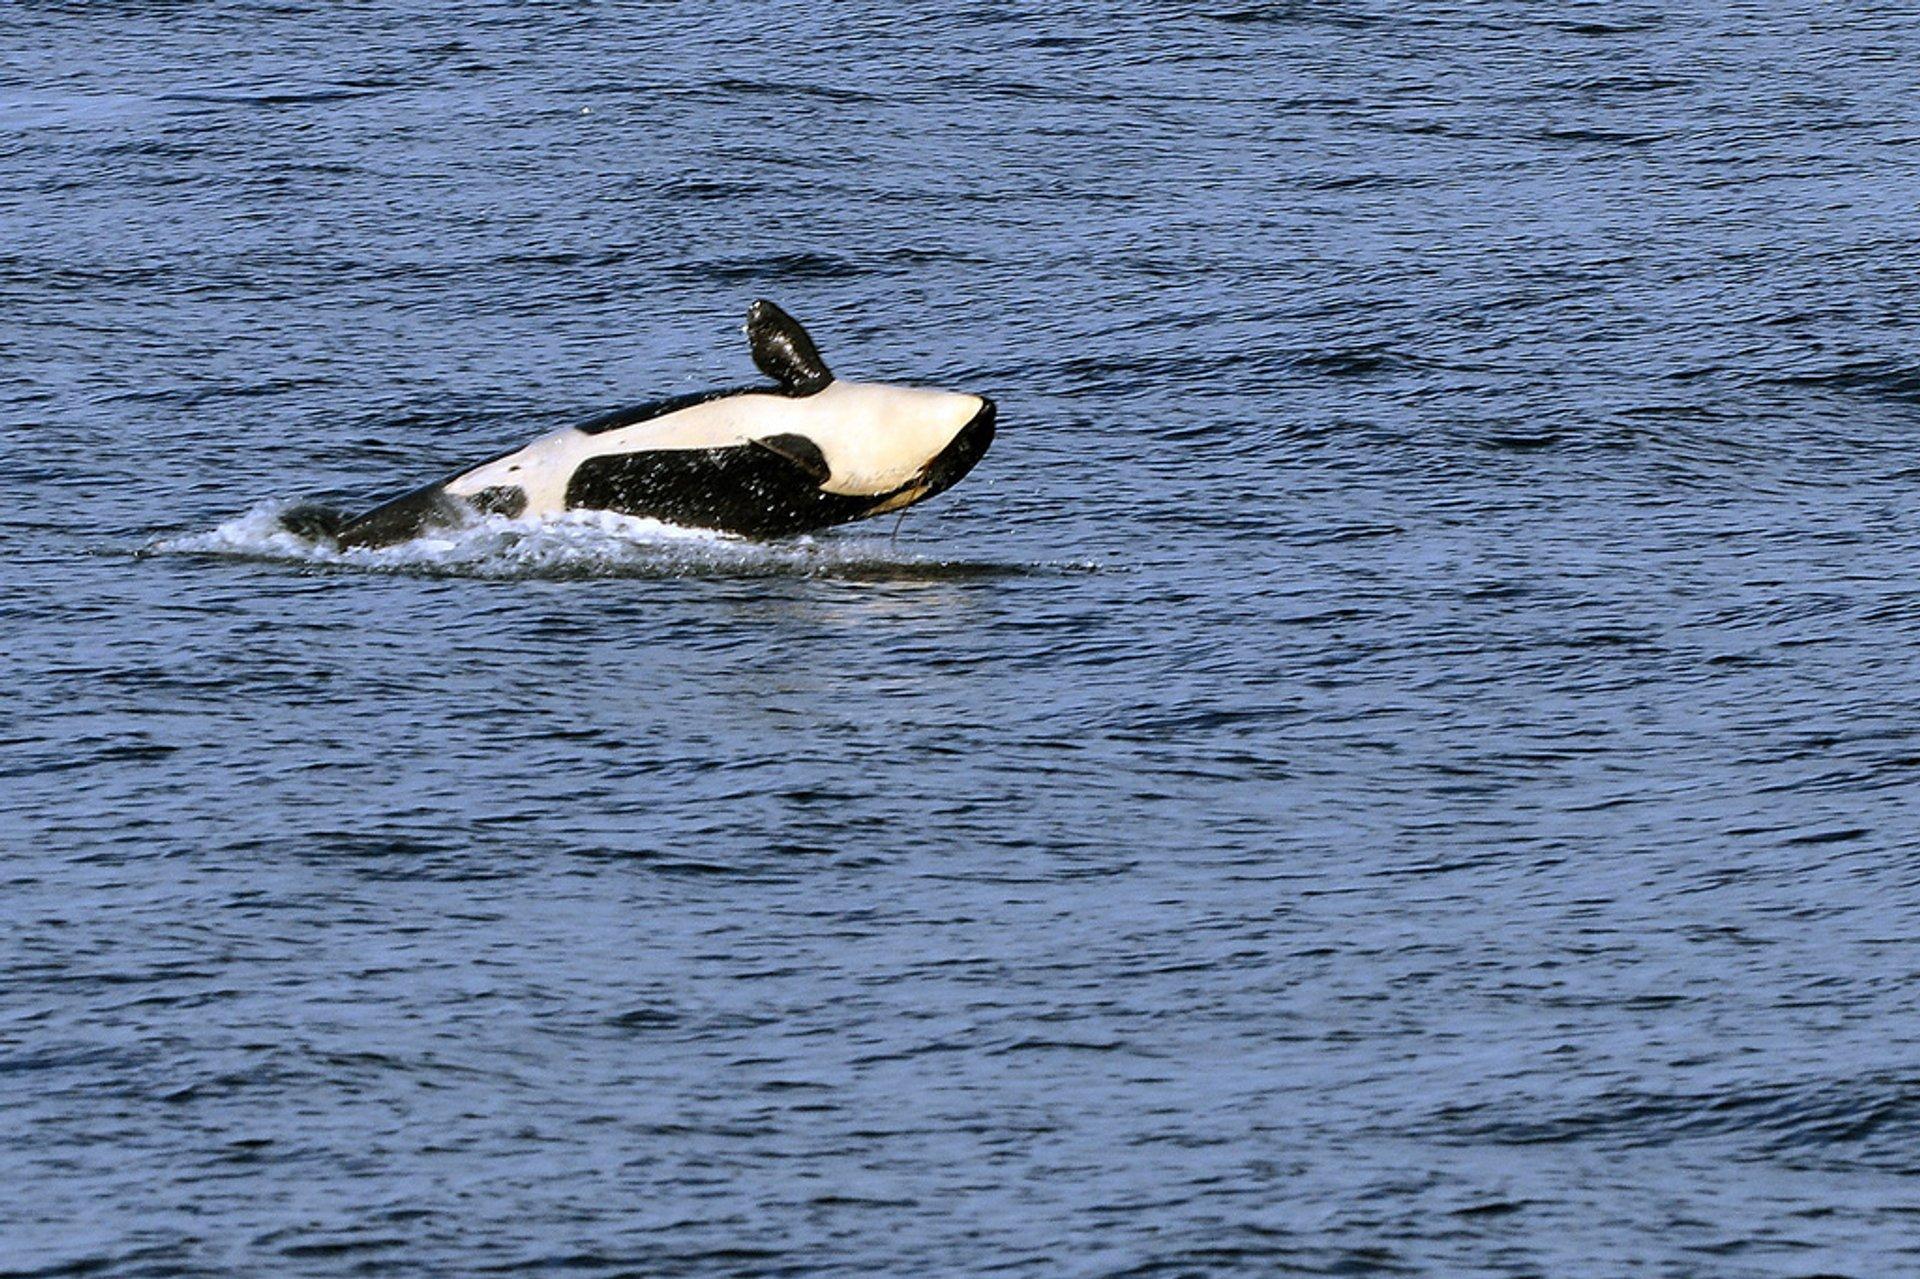 Whale Watching in Seattle - Best Season 2019